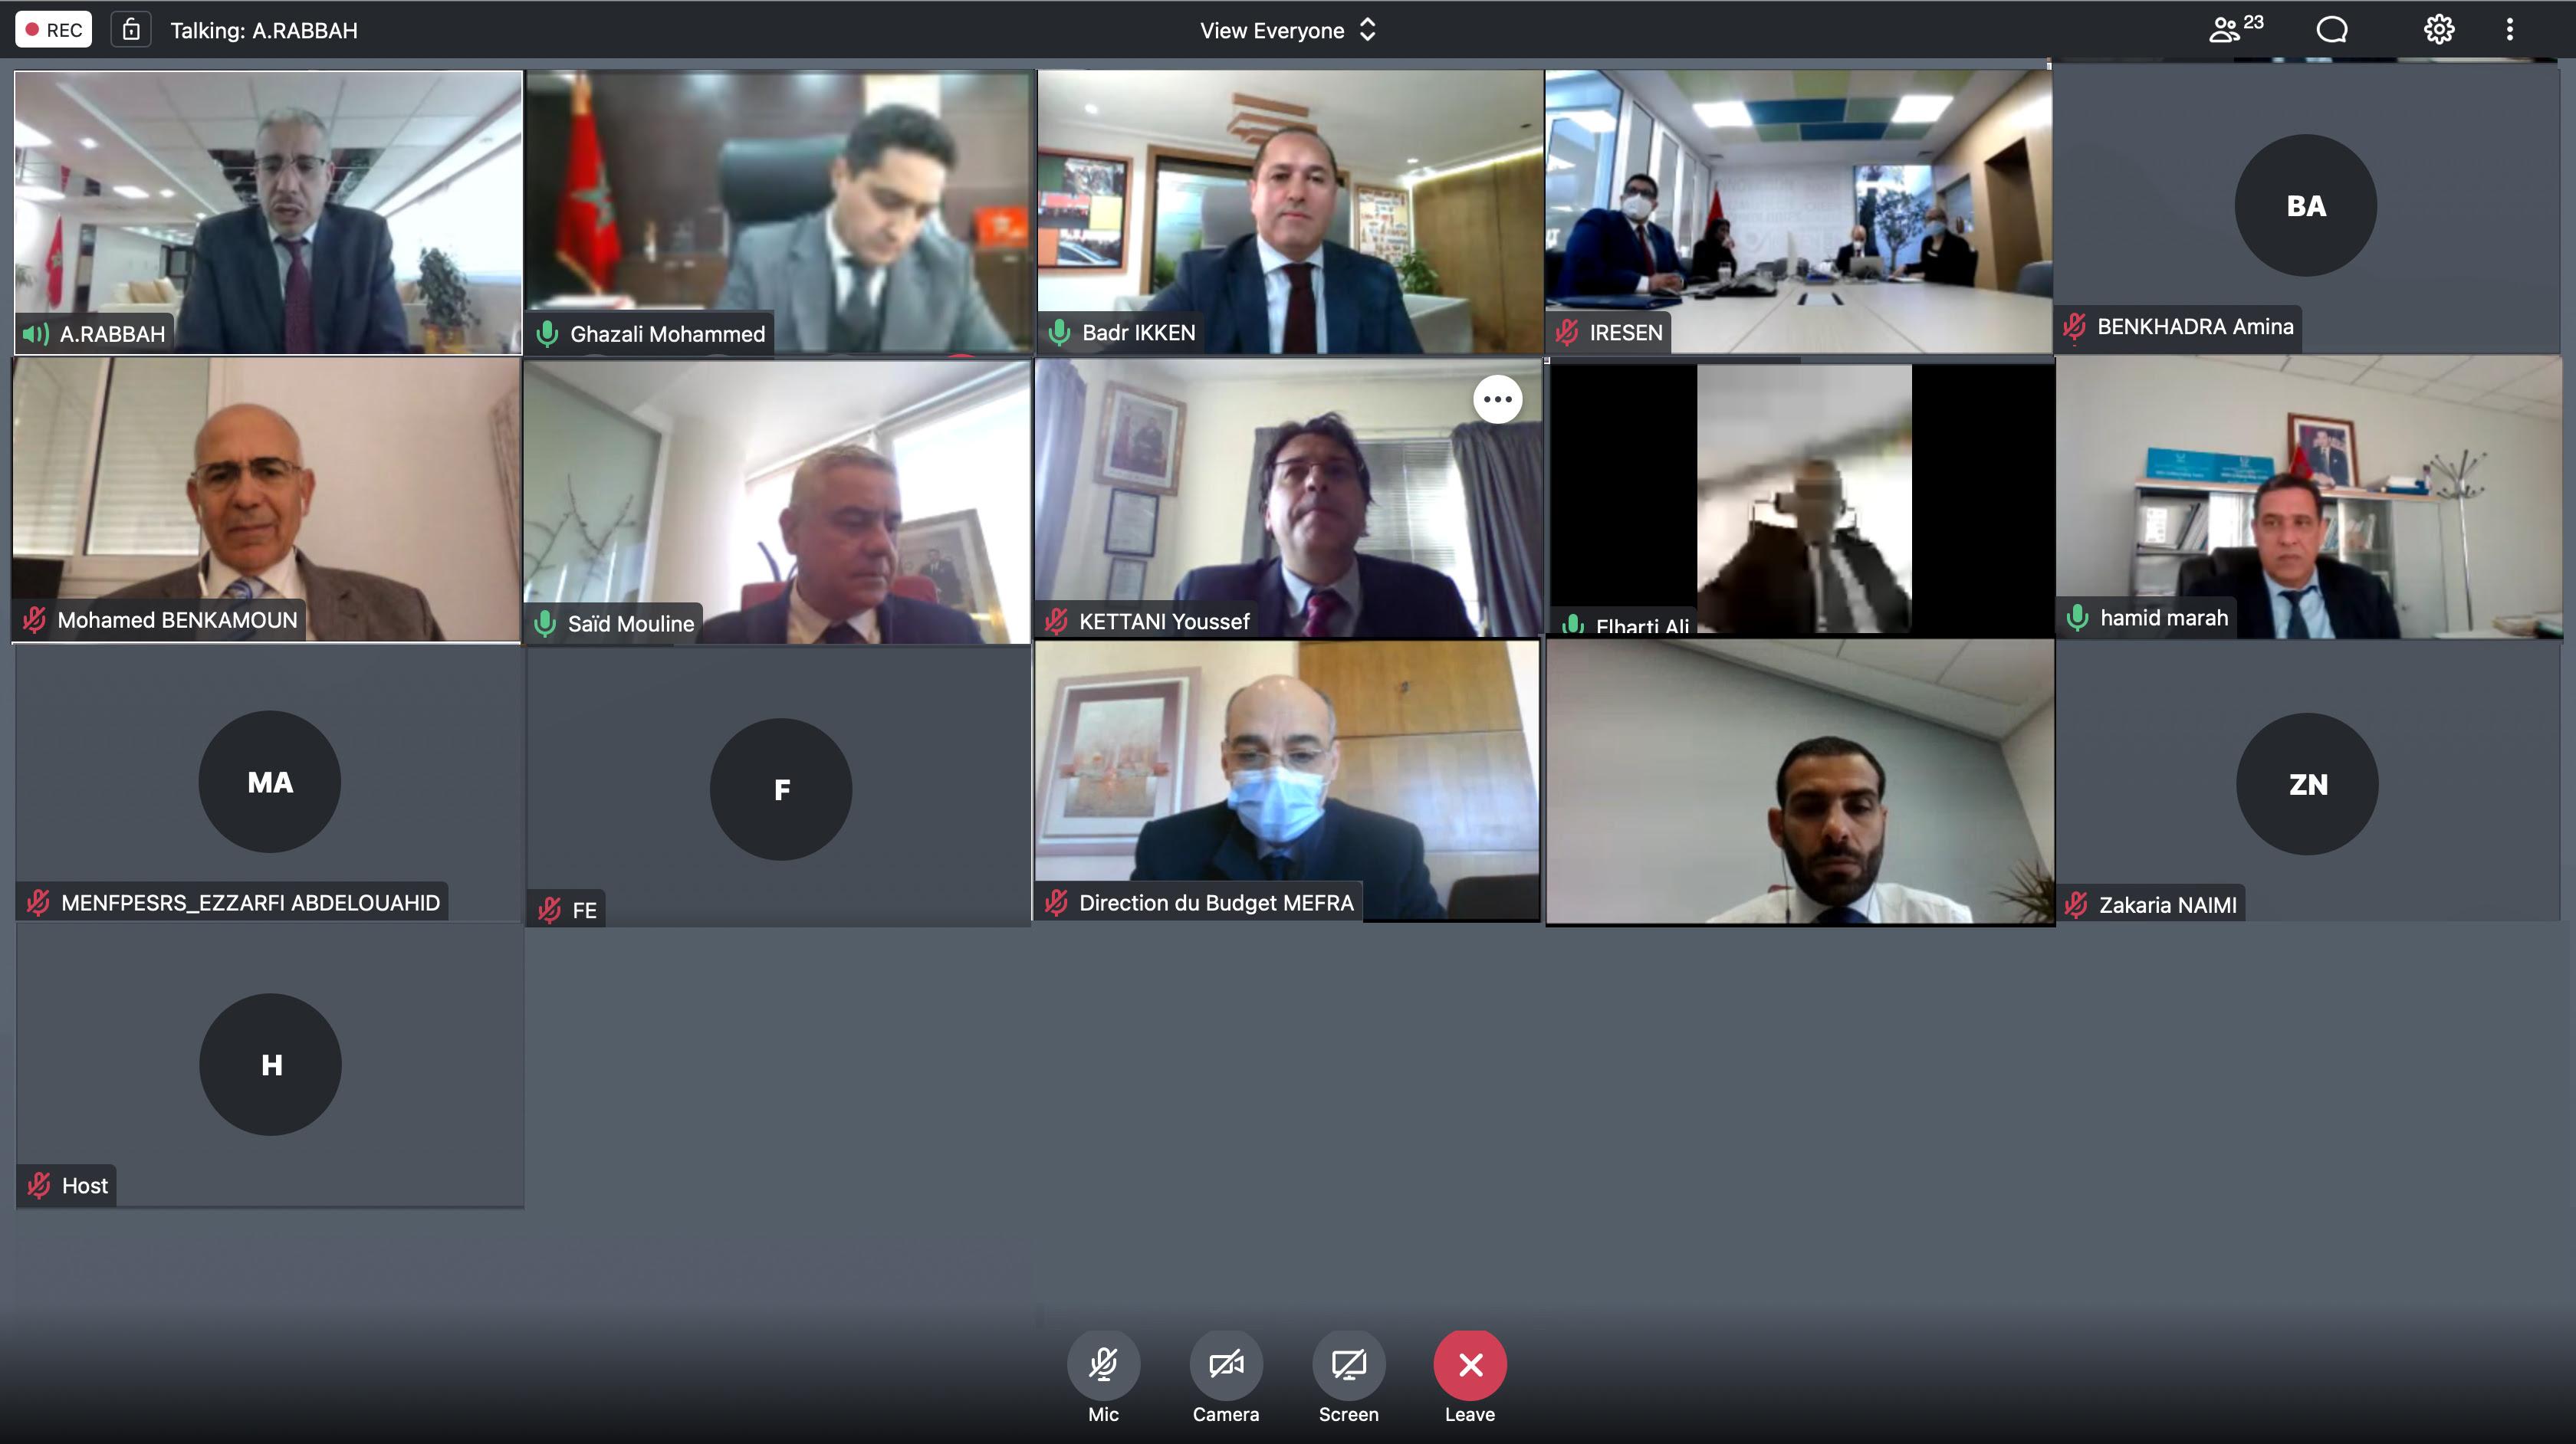 13ème  réunion du Conseil d'administration d'IRESEN sous la présidence de Aziz Rabbah